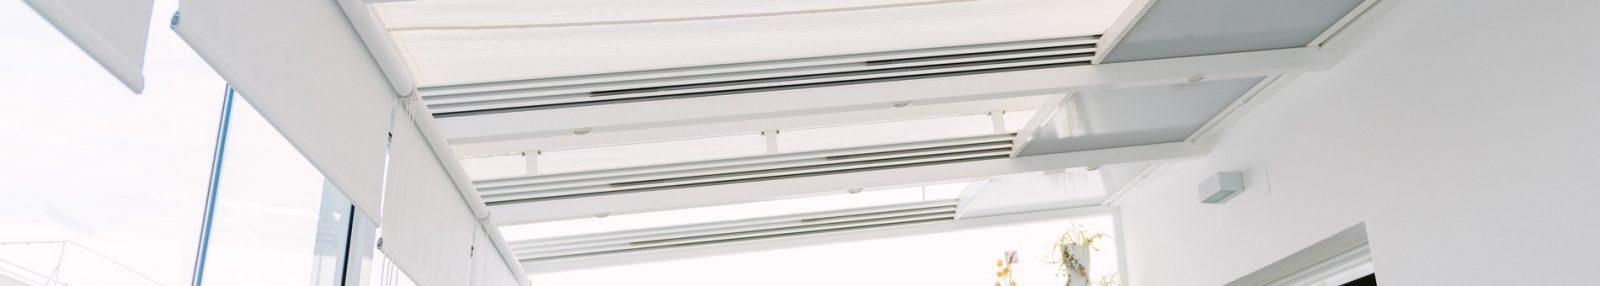 imagen-Fabricantes de <span>Cortinas de Cristal – Instalación y Mantenimiento</span>